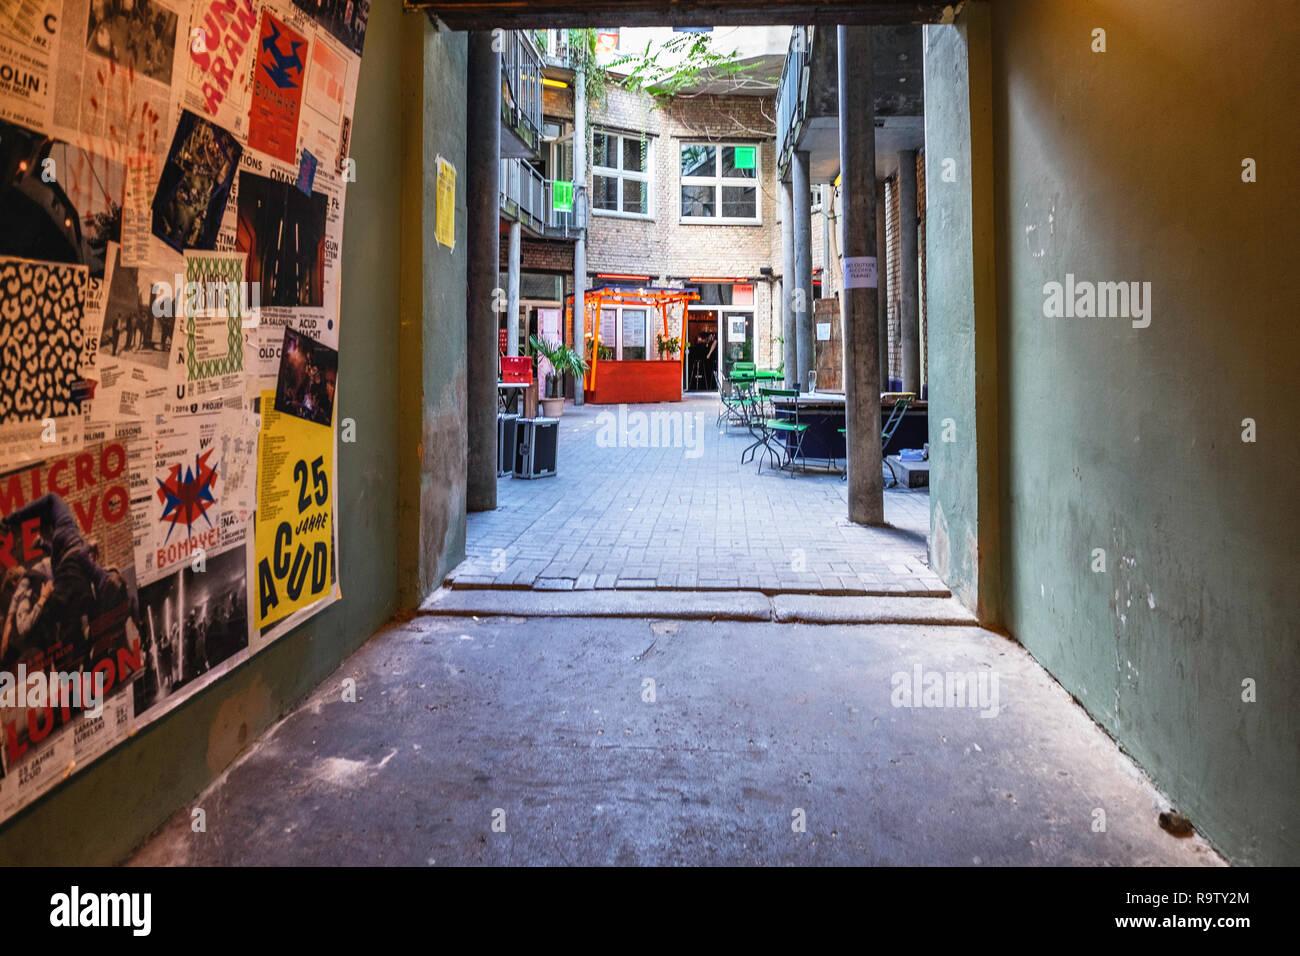 Berlin, Mitte,Veteranenstrasse 21. Centre culturel et artistique ACUD. Vieux bâtiment abrite une scène, galerie, cinémas, salle de concert et un club Photo Stock